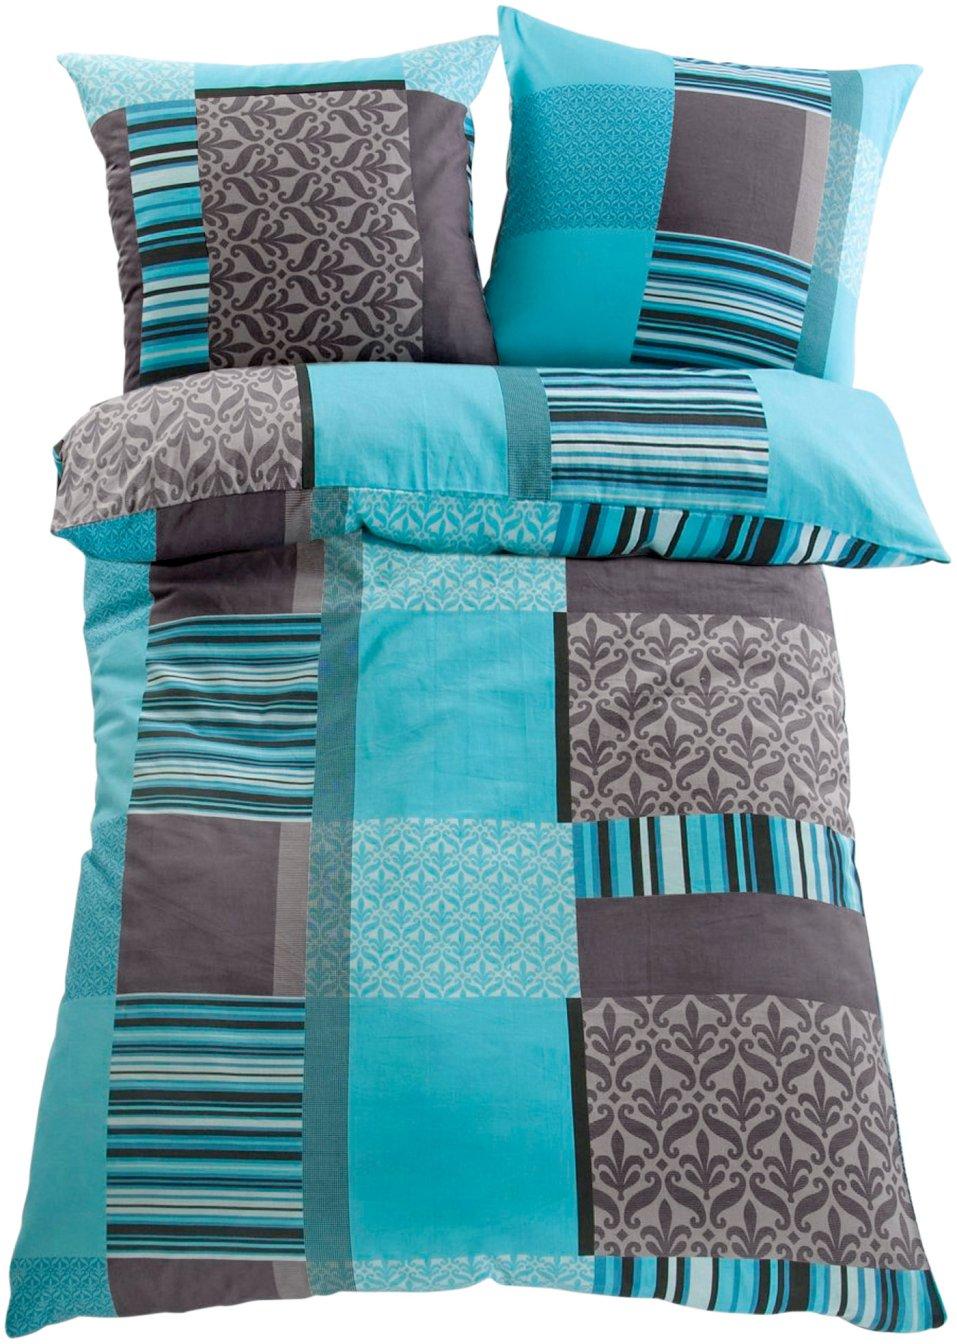 parure de lit matis turquoise bpc living acheter online. Black Bedroom Furniture Sets. Home Design Ideas